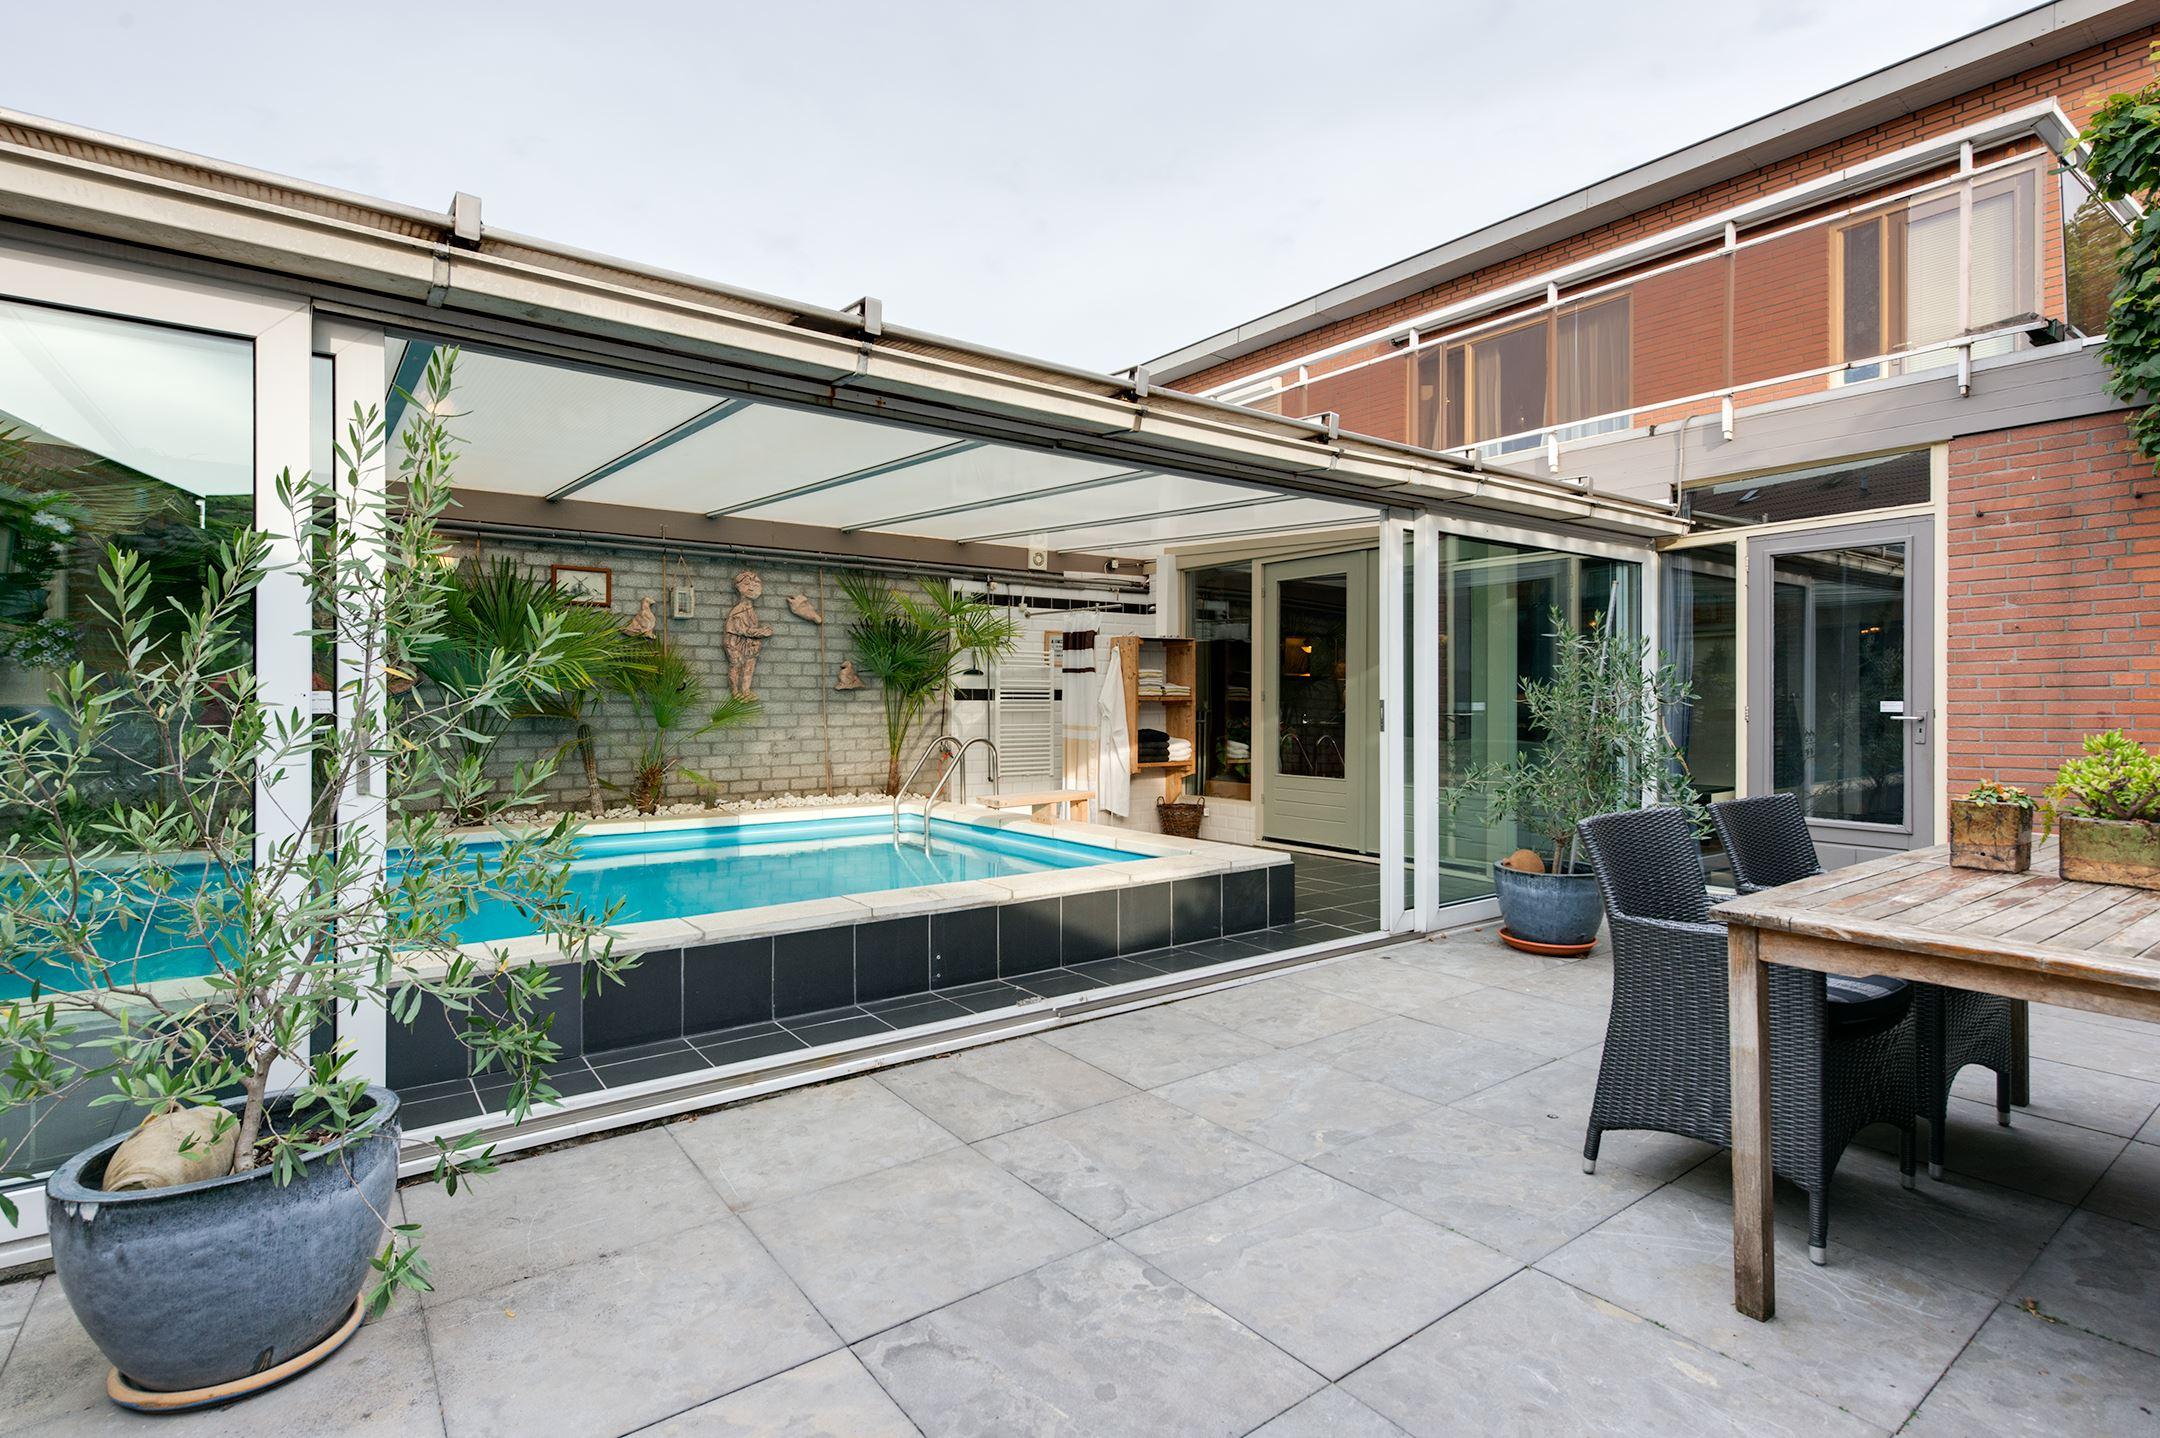 5x een zomerhuis met zwembad academica for Zwembad artikelen